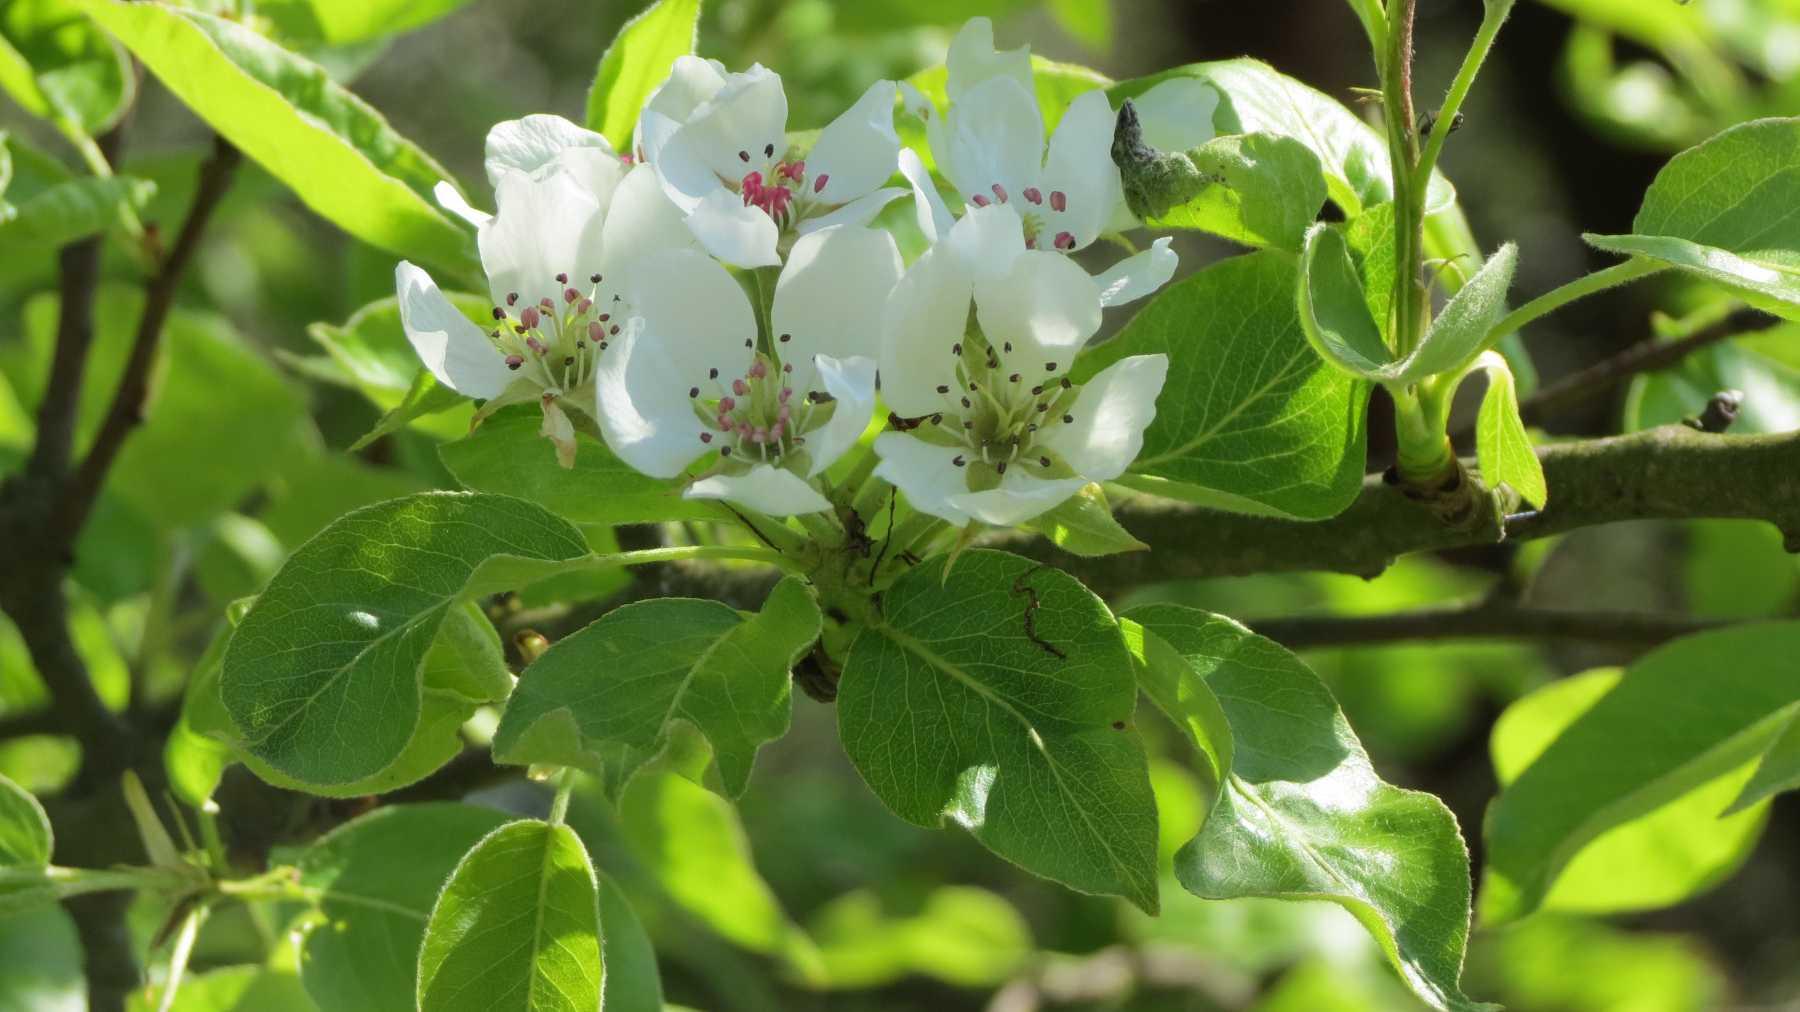 Apfekblüten